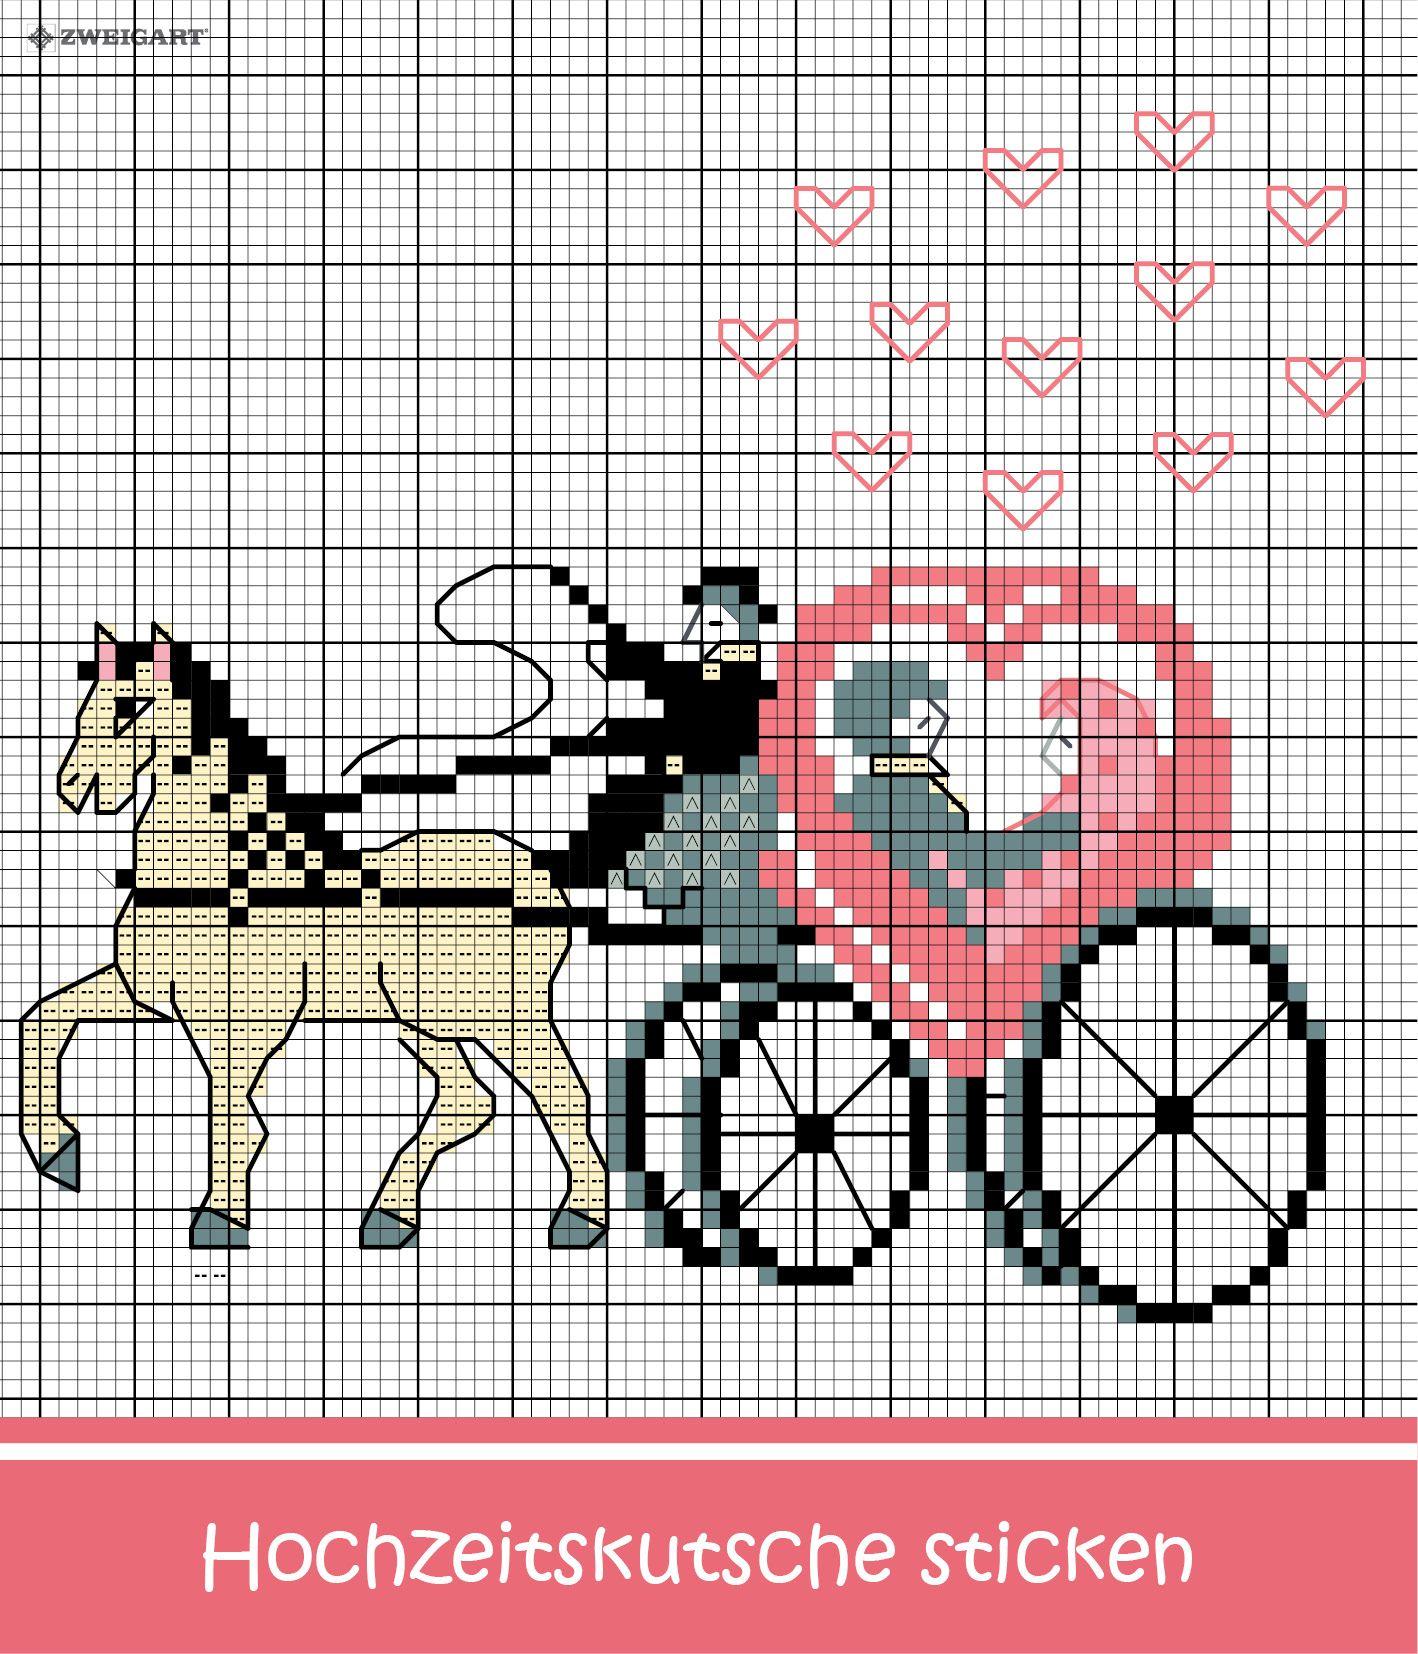 Romantische hochzeitskutsche mit herzen sticken sticken for Sticken vorlagen kostenlos